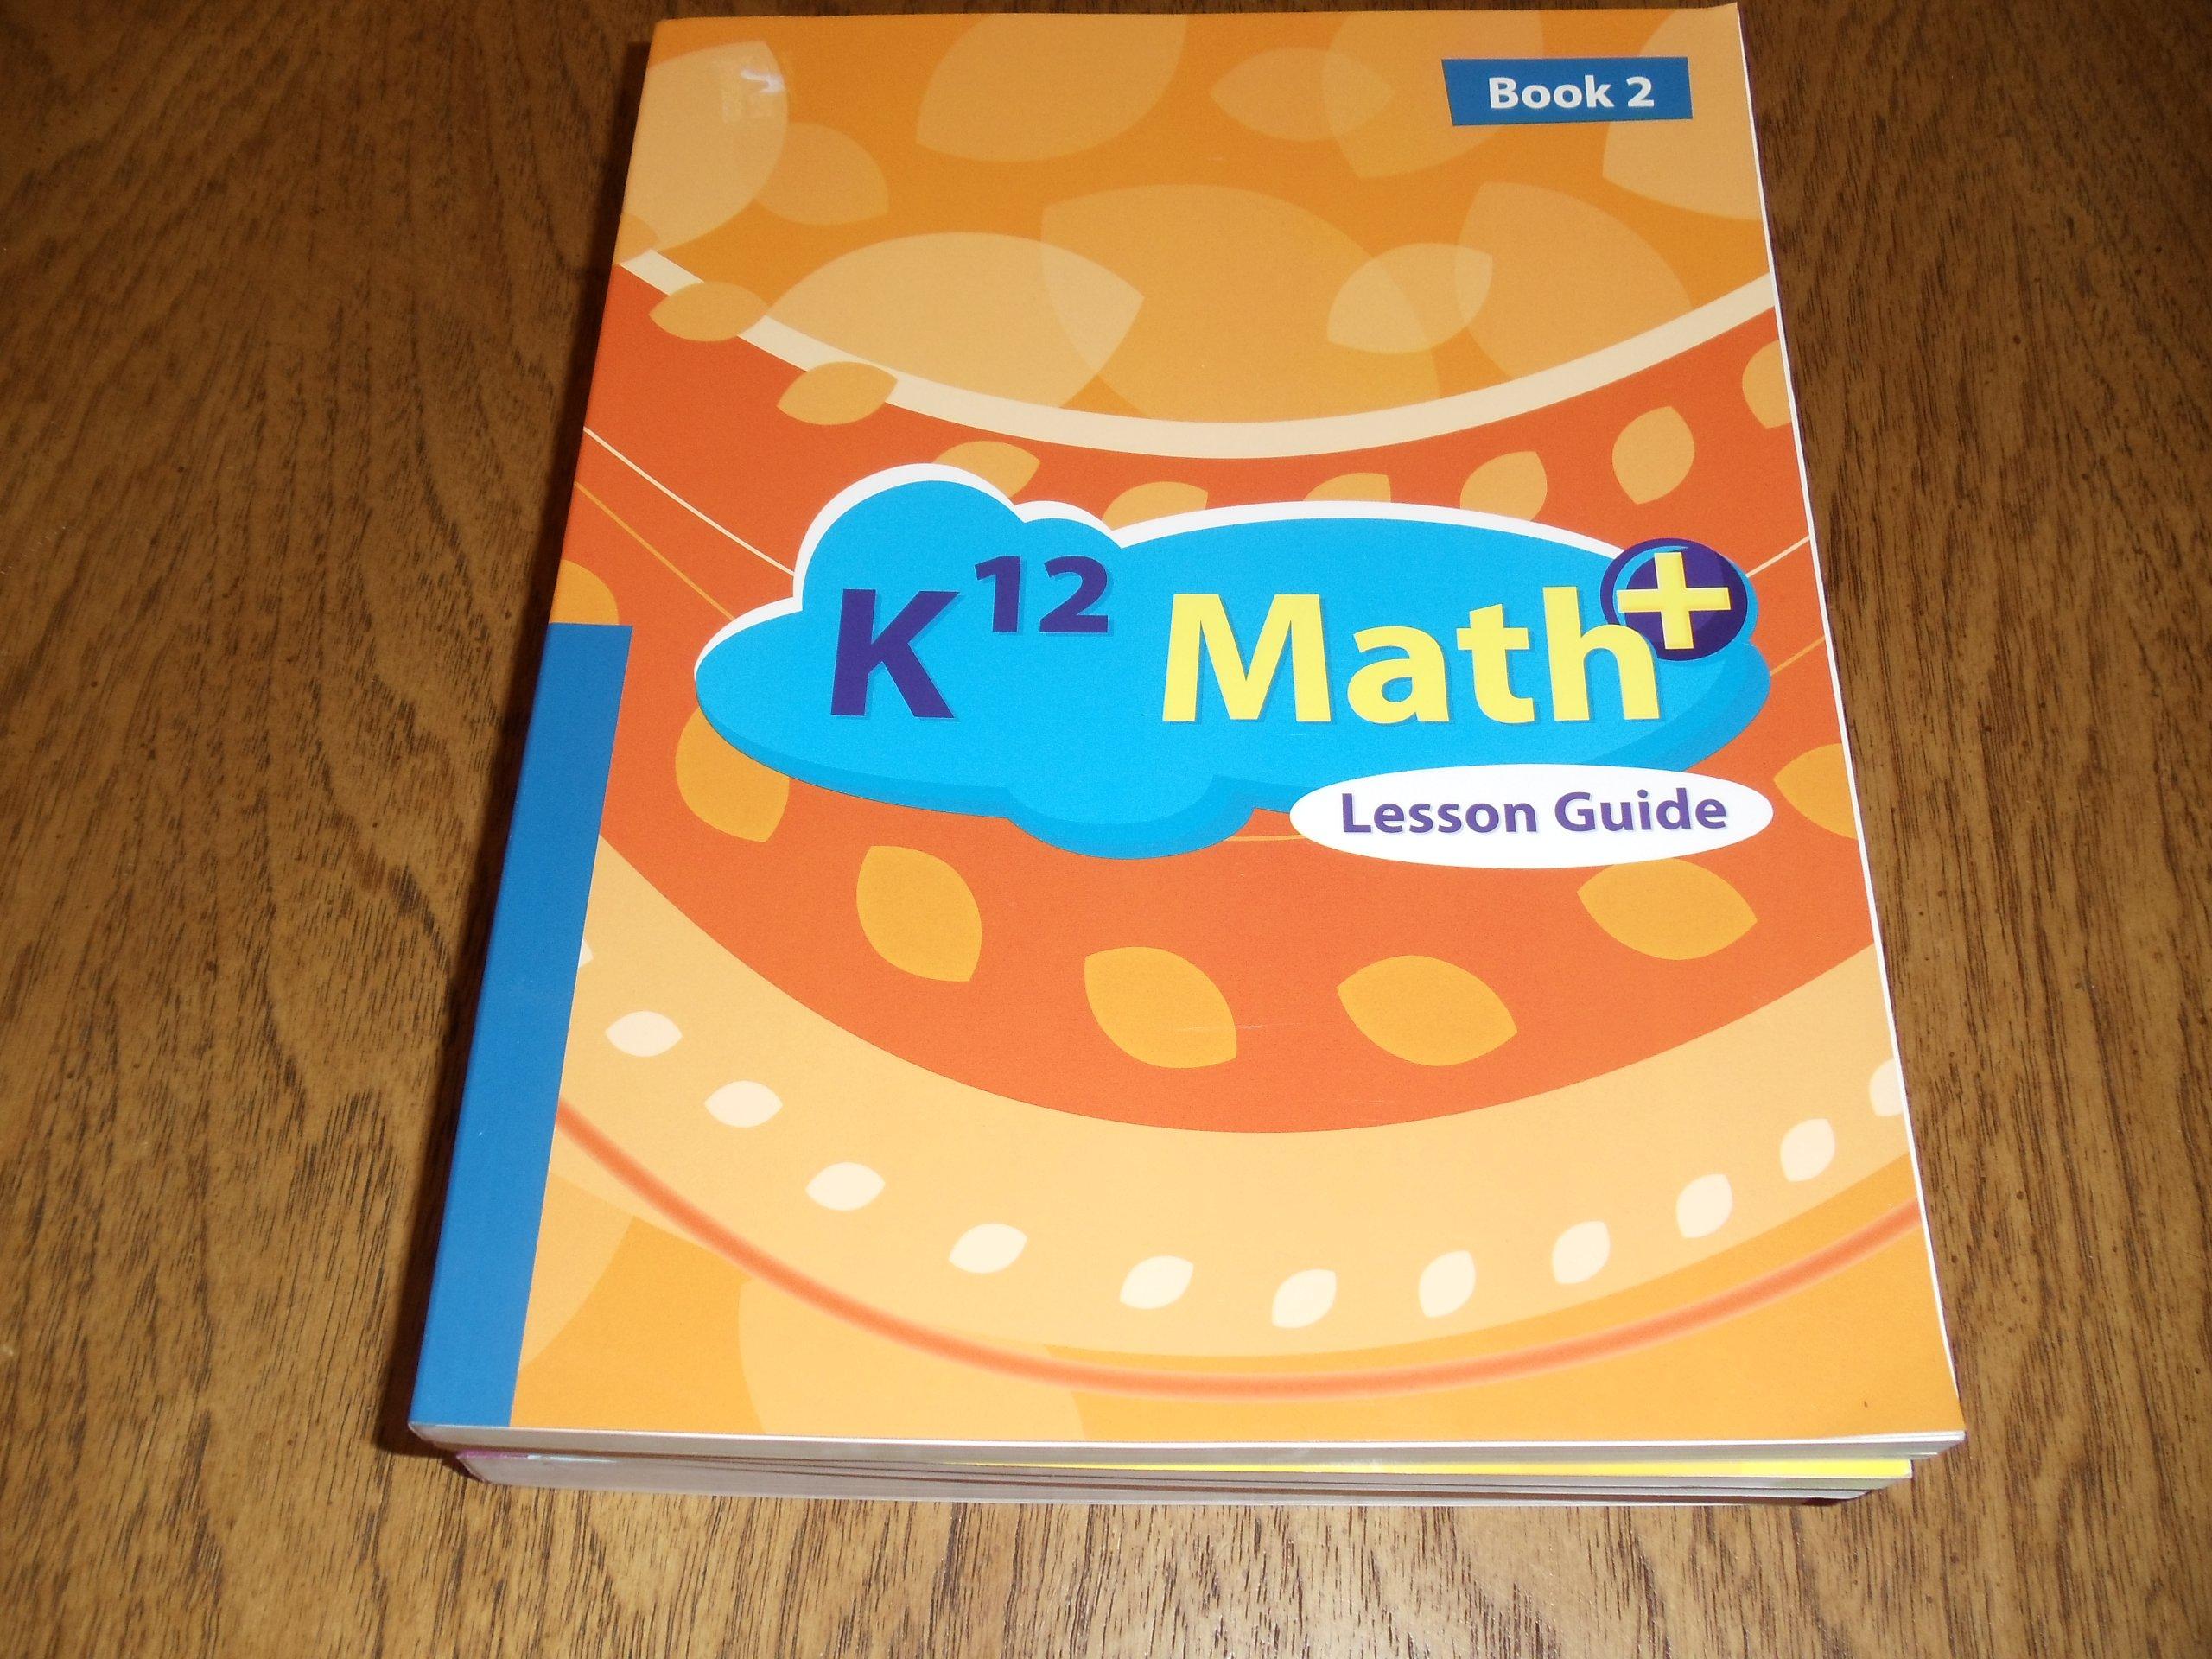 K12 Math, Lesson Guide - Book 2. #10224 (Orange ...